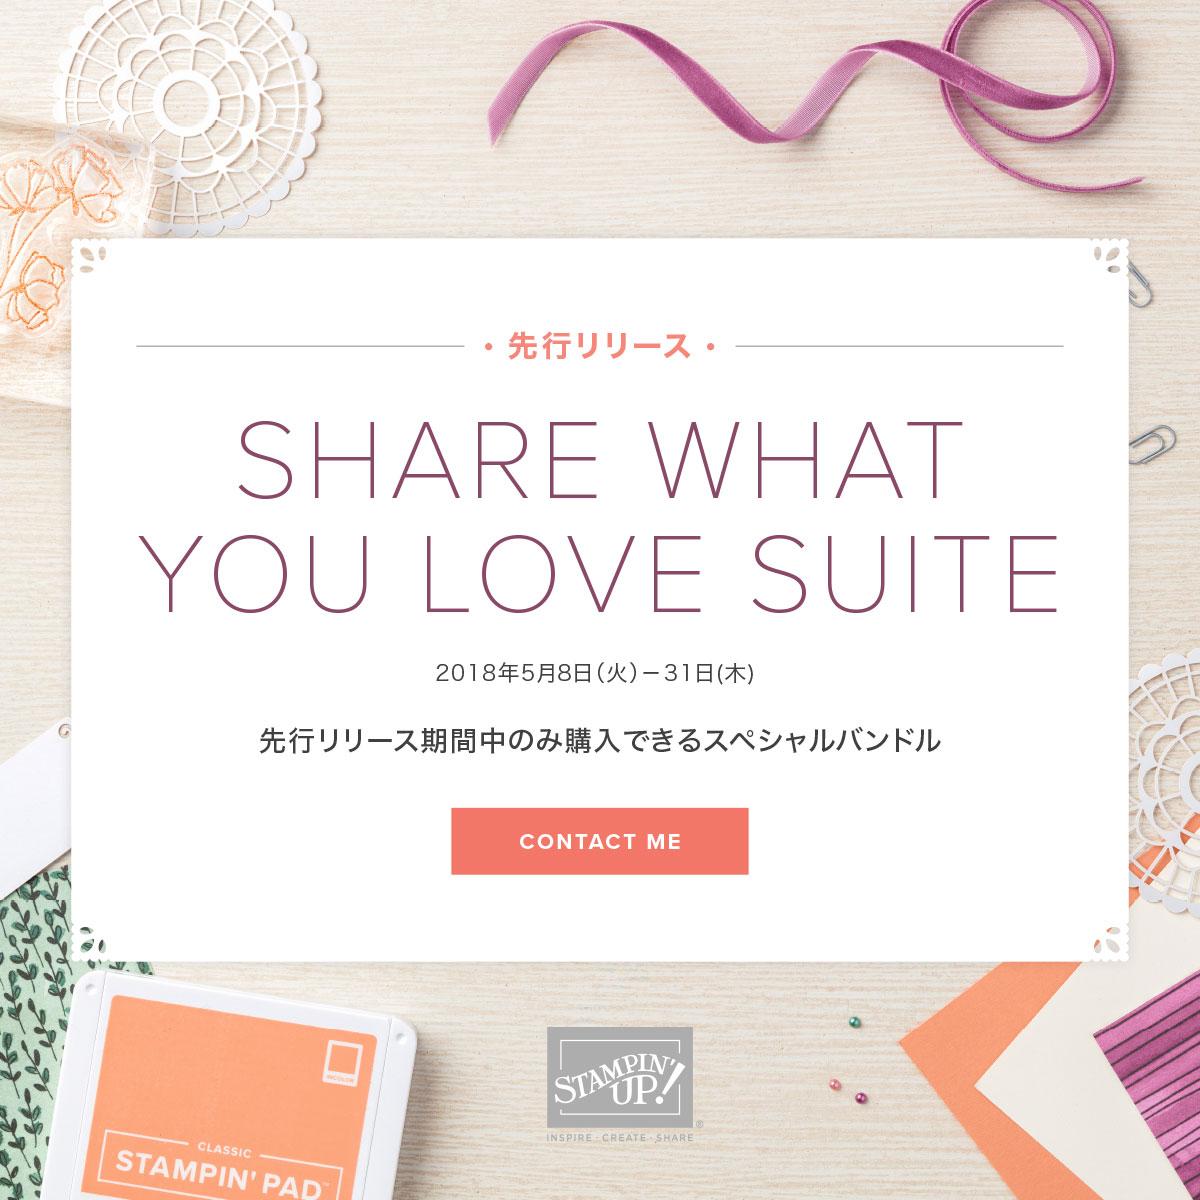 新カタログからShare What You Love suiteの製品が先行販売!